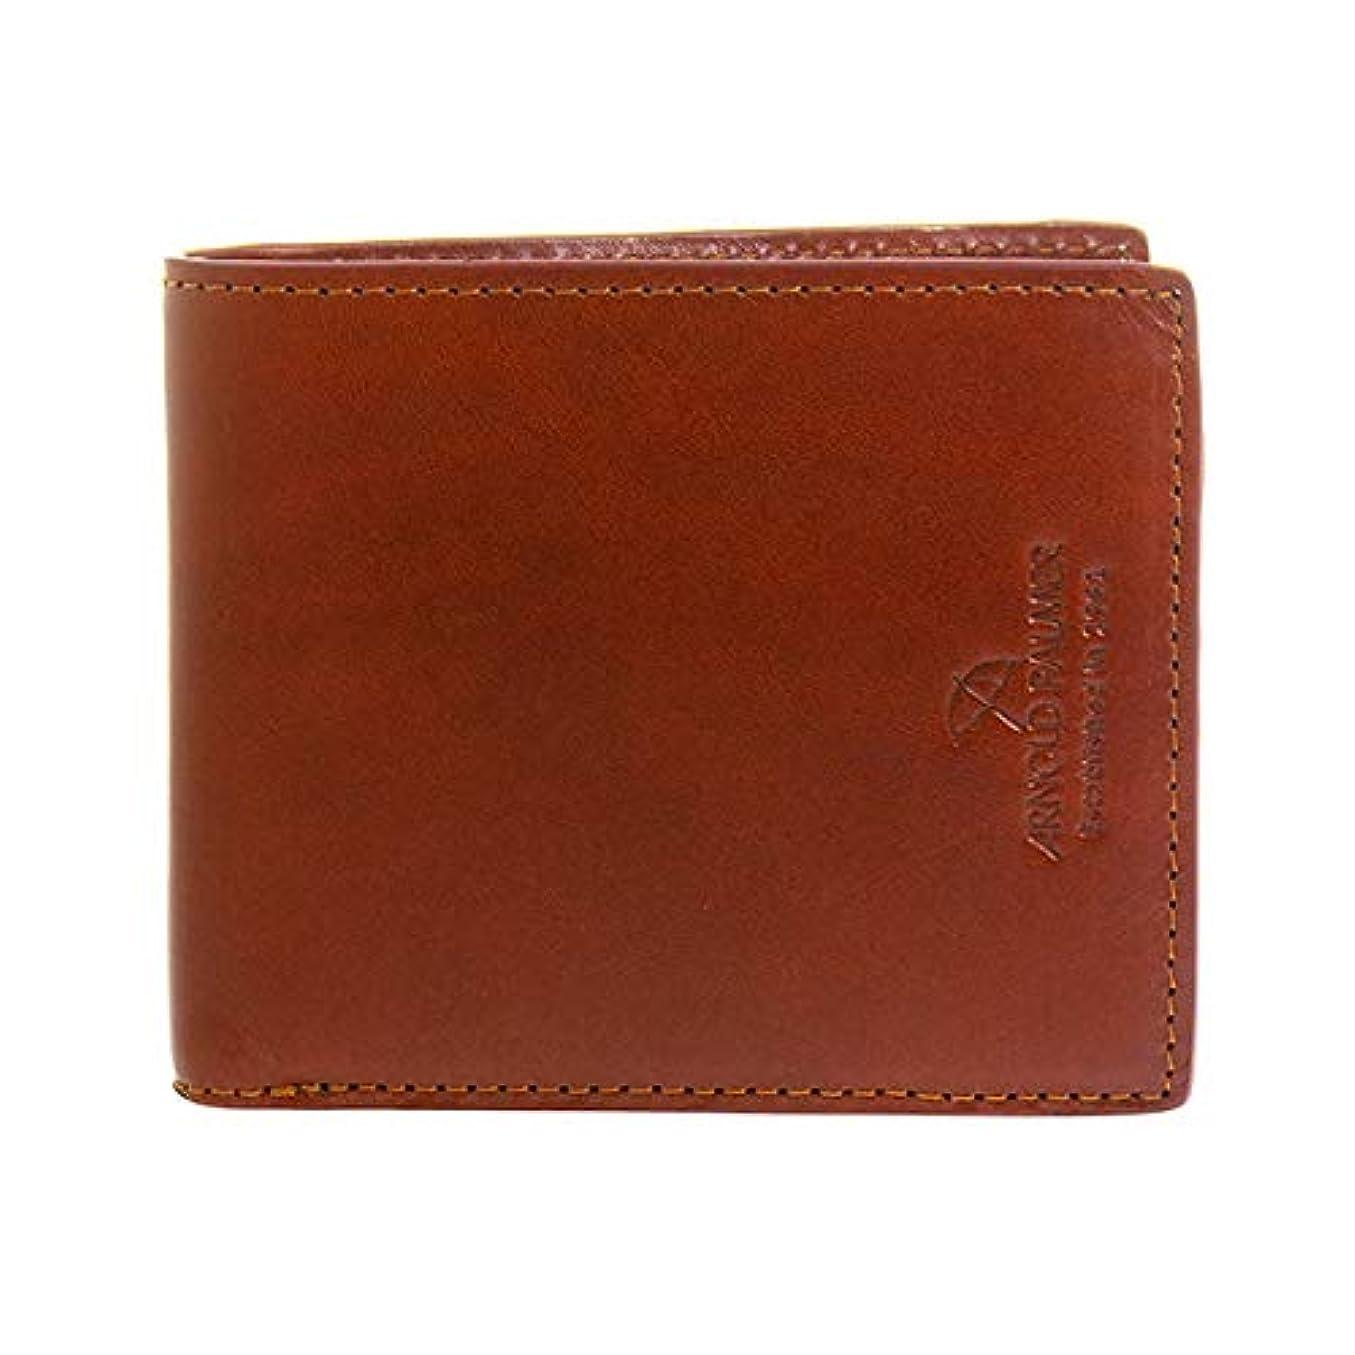 兄弟愛通常排他的アーノルドパーマー ARNOLD PALMER コンビカラー 二つ折り短財布 メンズ 4AP3253-BR ブラウン